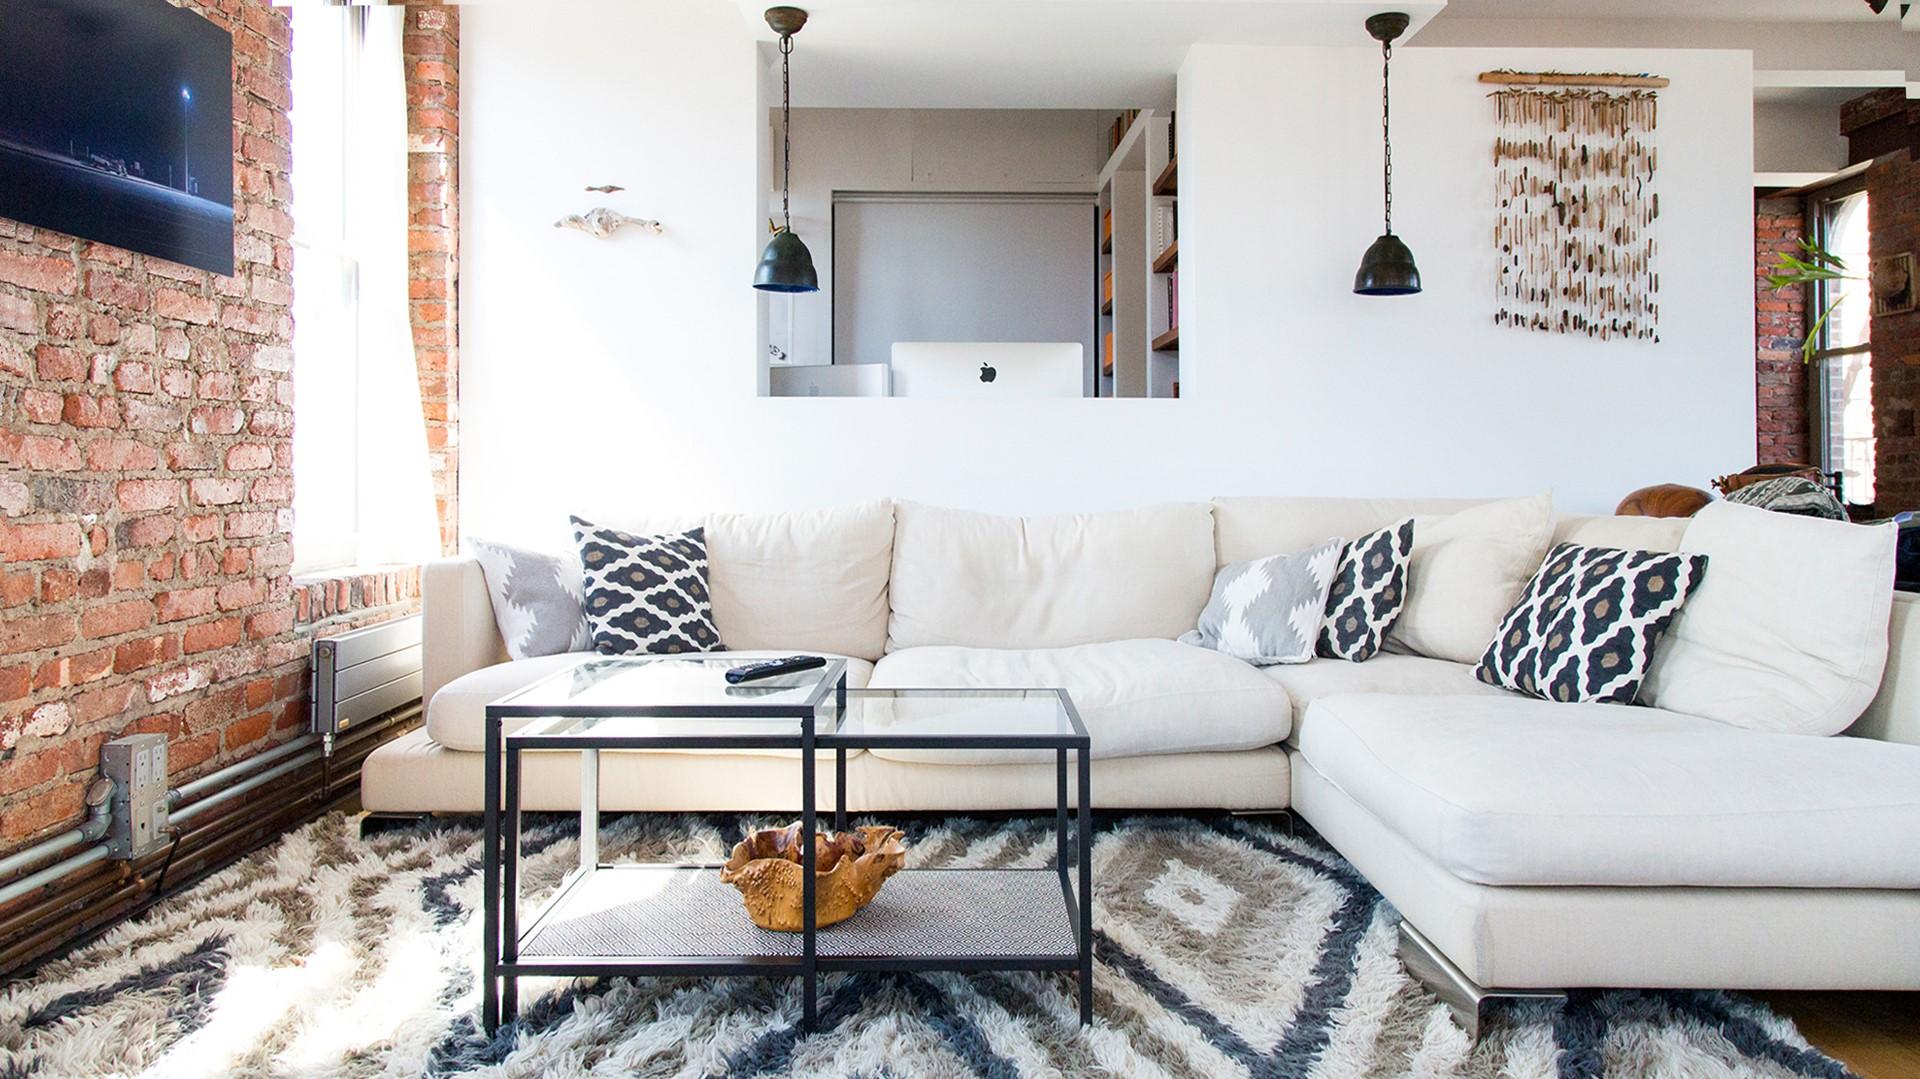 Des designs élégants comme celui-ci vous permettent de maintenir un décor intérieur très ouvert.